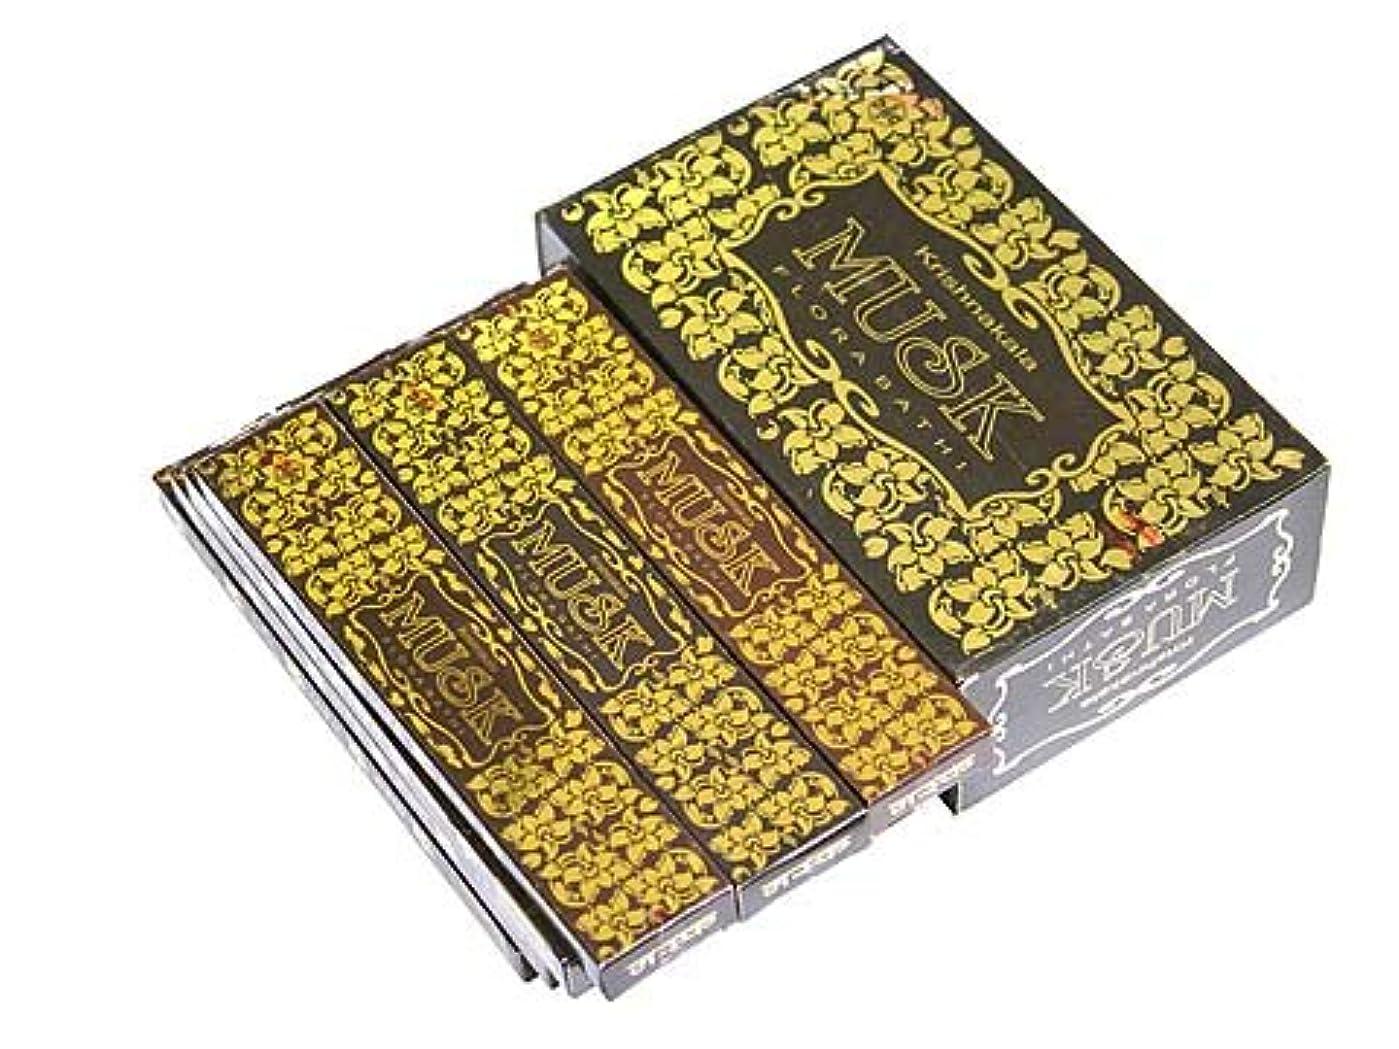 見る人遊具A-RAVI RAG(エーラビ ラグ) ムスク香 スティック MUSK 12箱セット